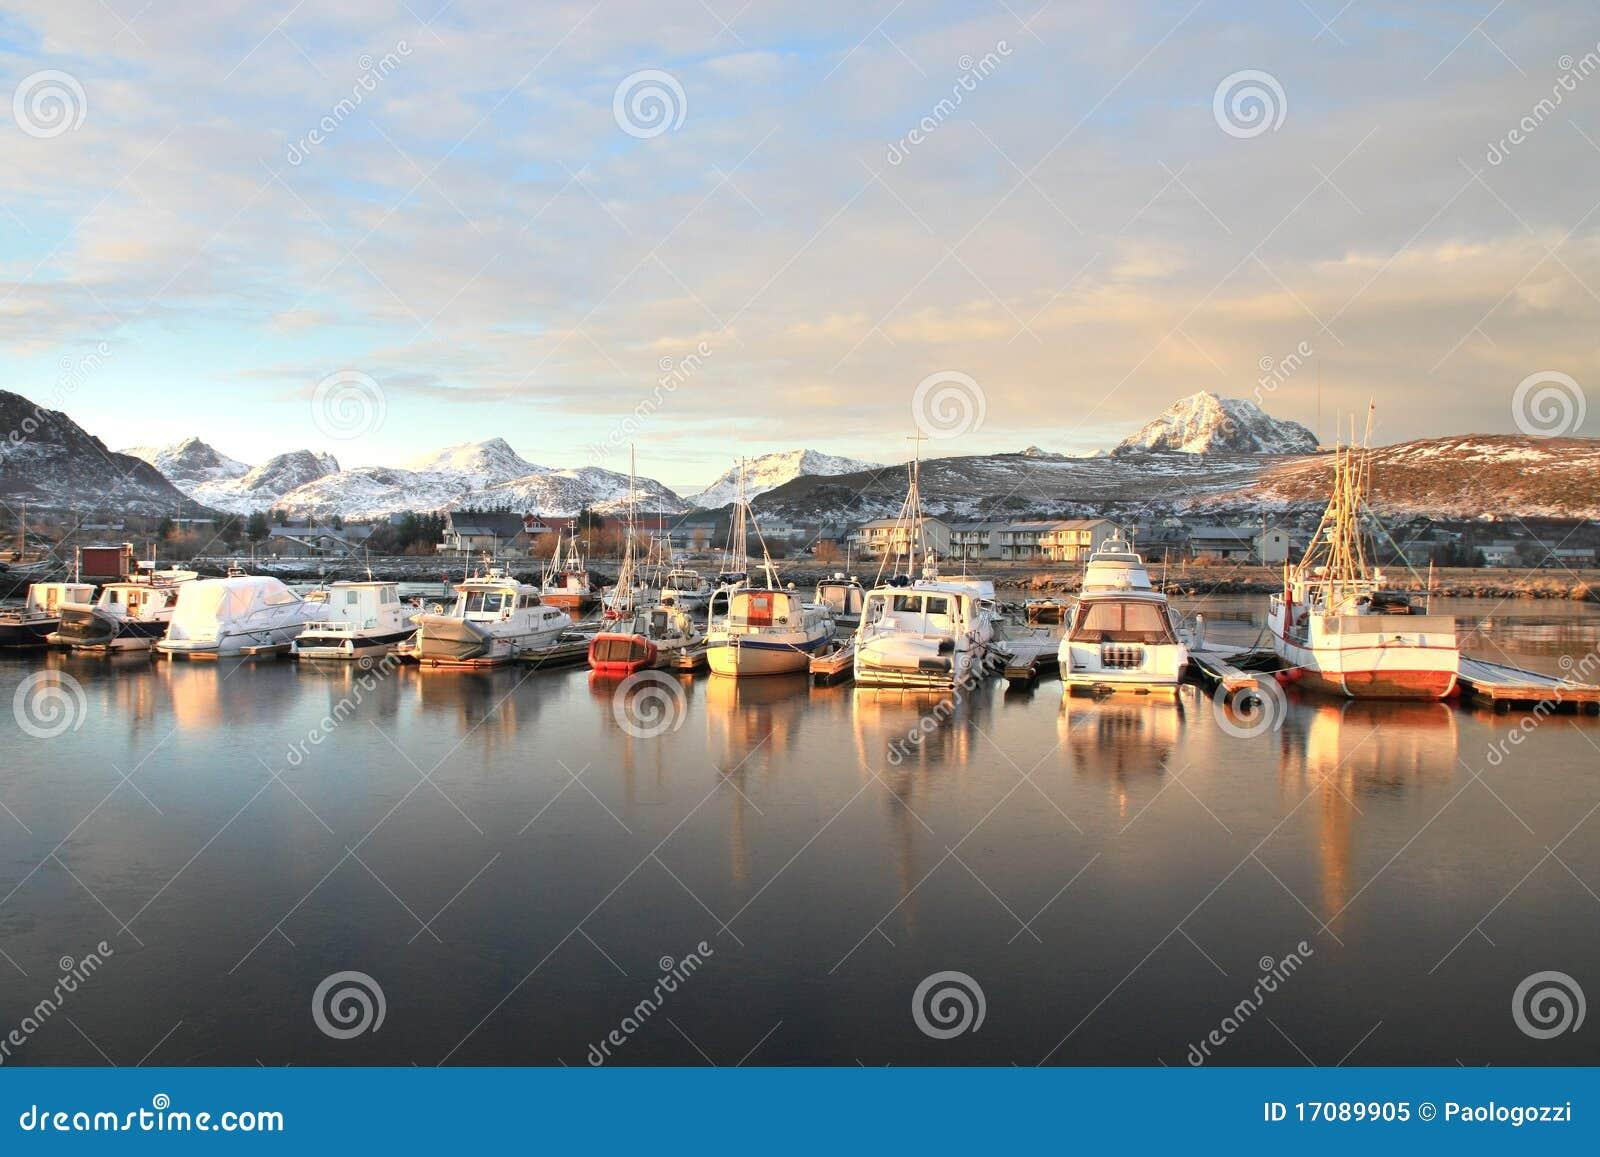 Letztes Tageslicht auf Gravdals Hafen